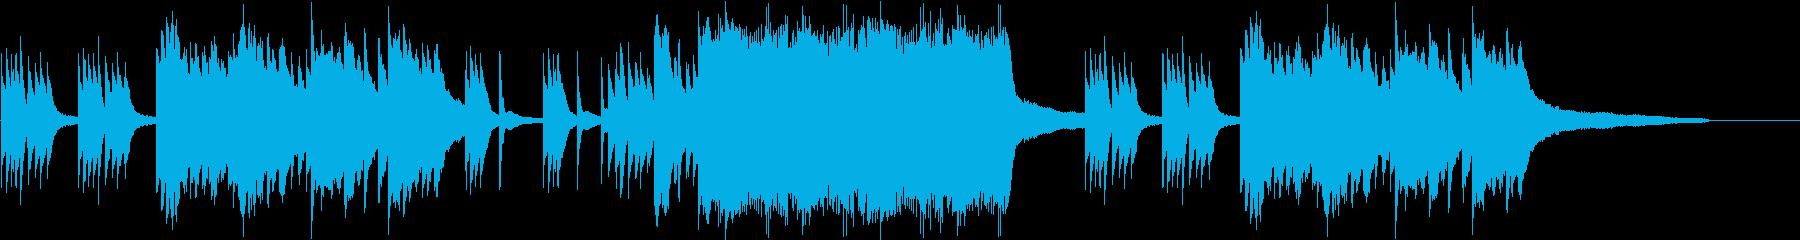 切ないゲームなどに合いそうなピアノ曲3の再生済みの波形